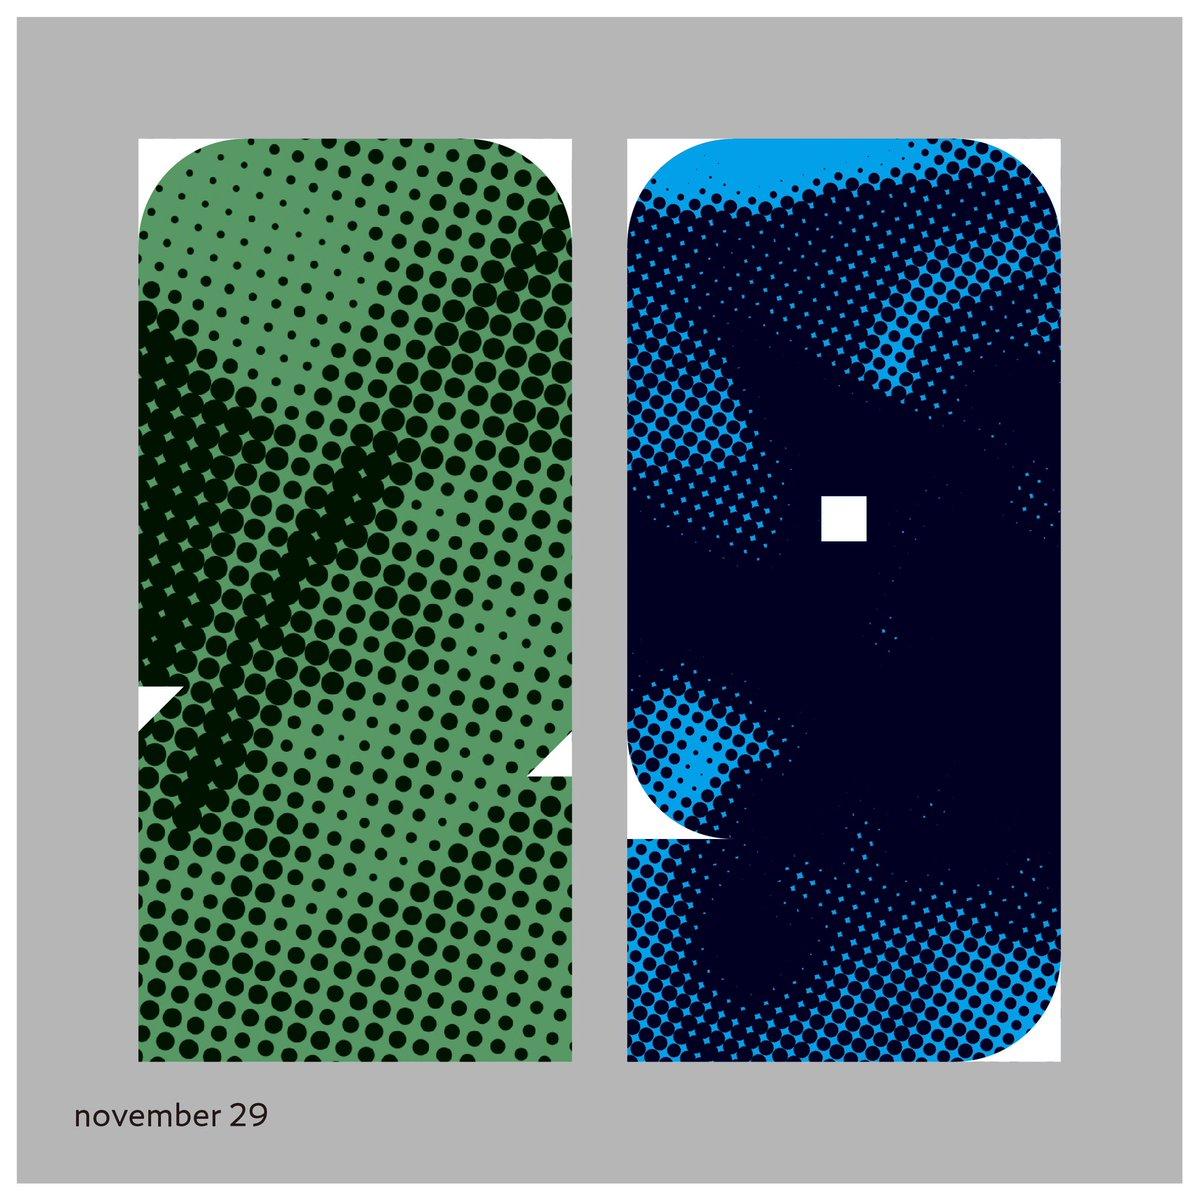 11月29日  #graphicdesign #graphic #typography #typo #グラフィックデザイン #グラフィックデザイナー #ひめくりカレンダー #カレンダー #数字 #number #calendar #graphicdesigner https://t.co/rBY5v30gry